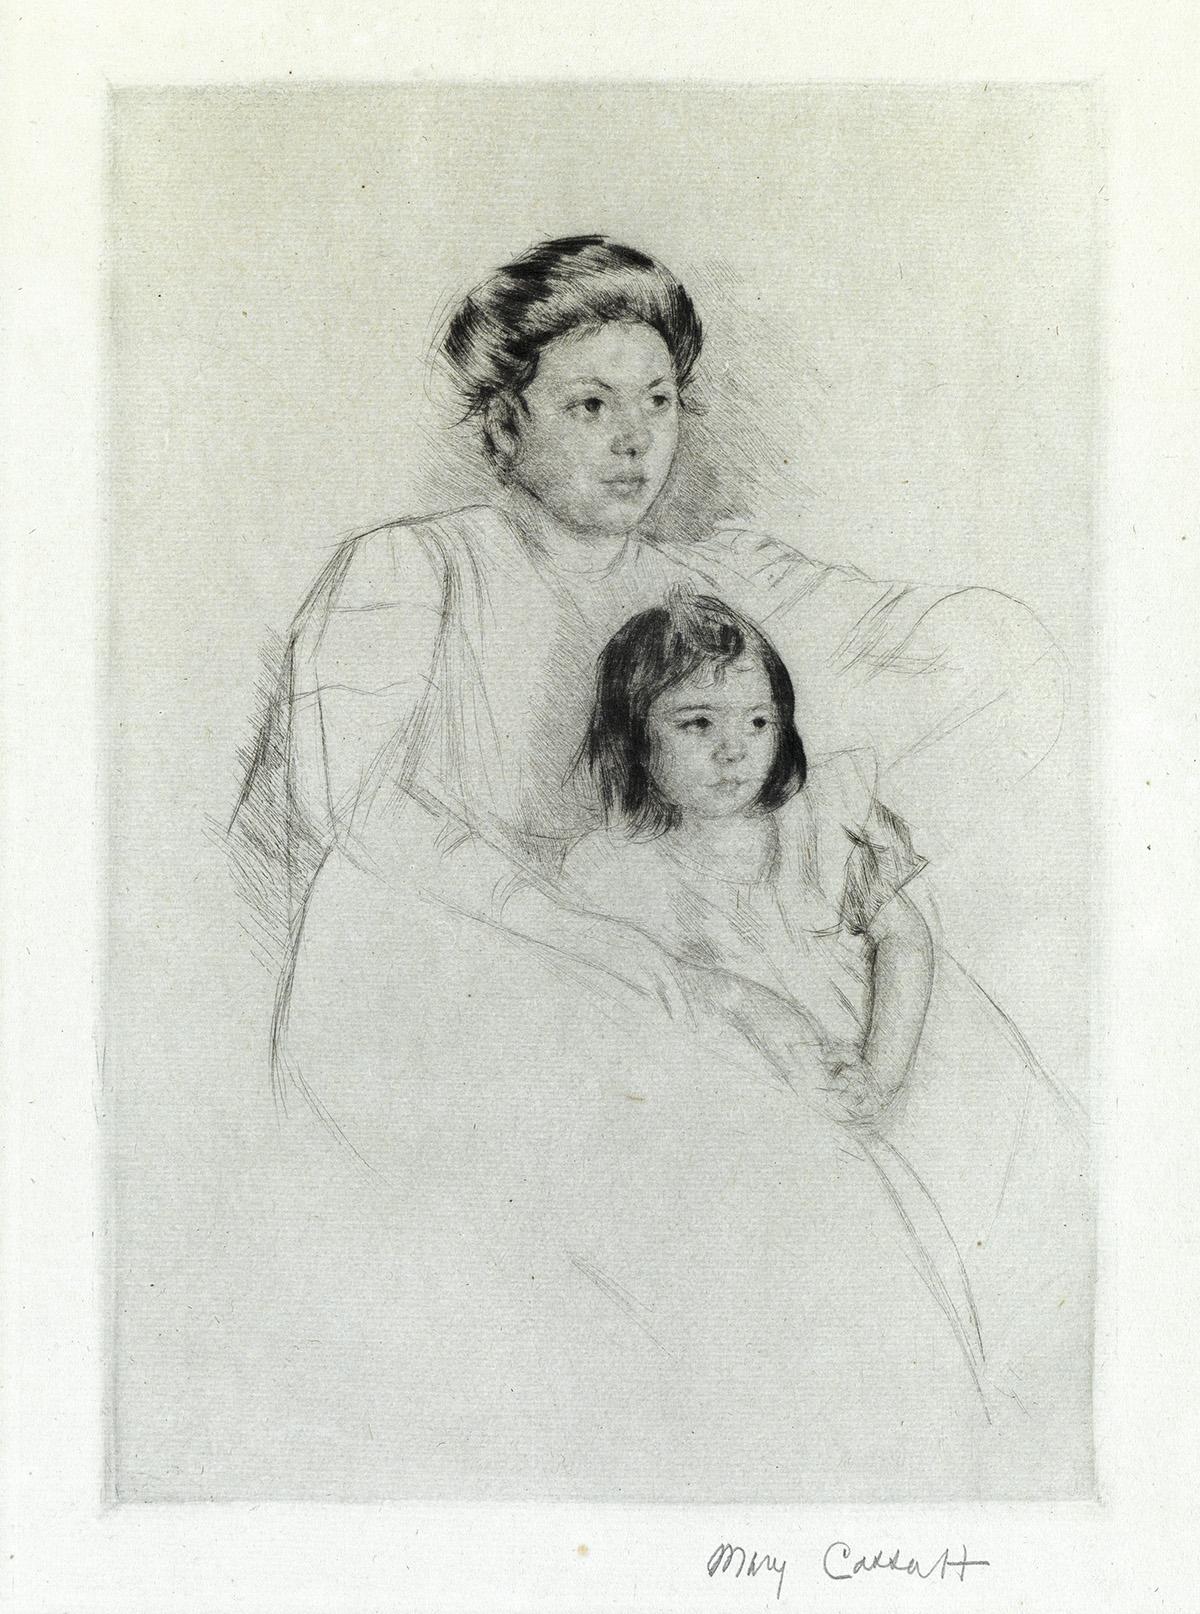 MARY-CASSATT-Margot-Leaning-Against-Her-Mother